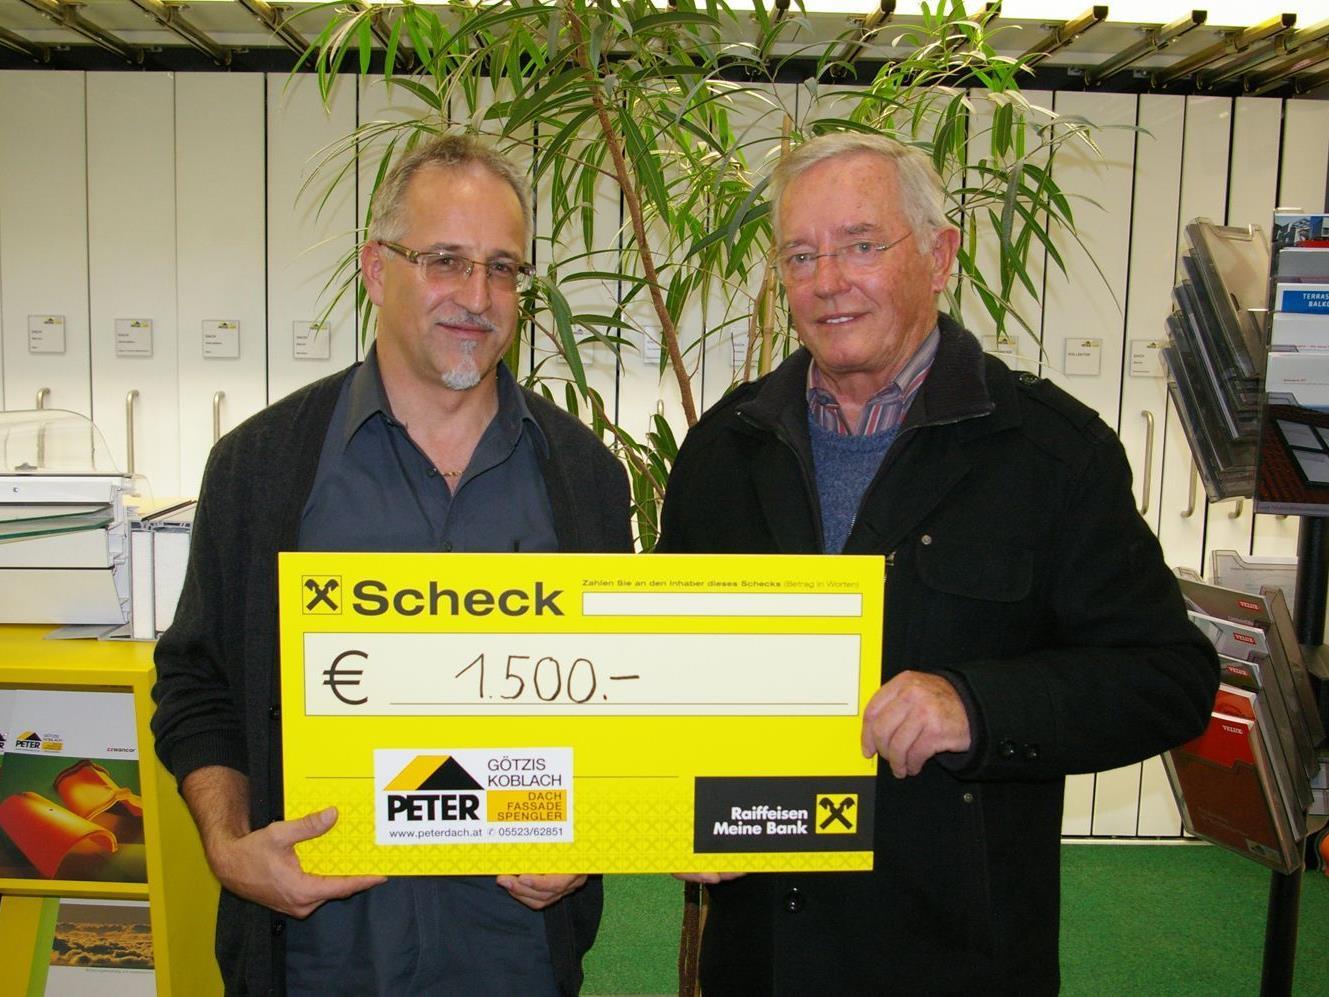 Peter-Geschäftsführer Christian Maissen (links) überreicht Walter Tschegg die Spende.